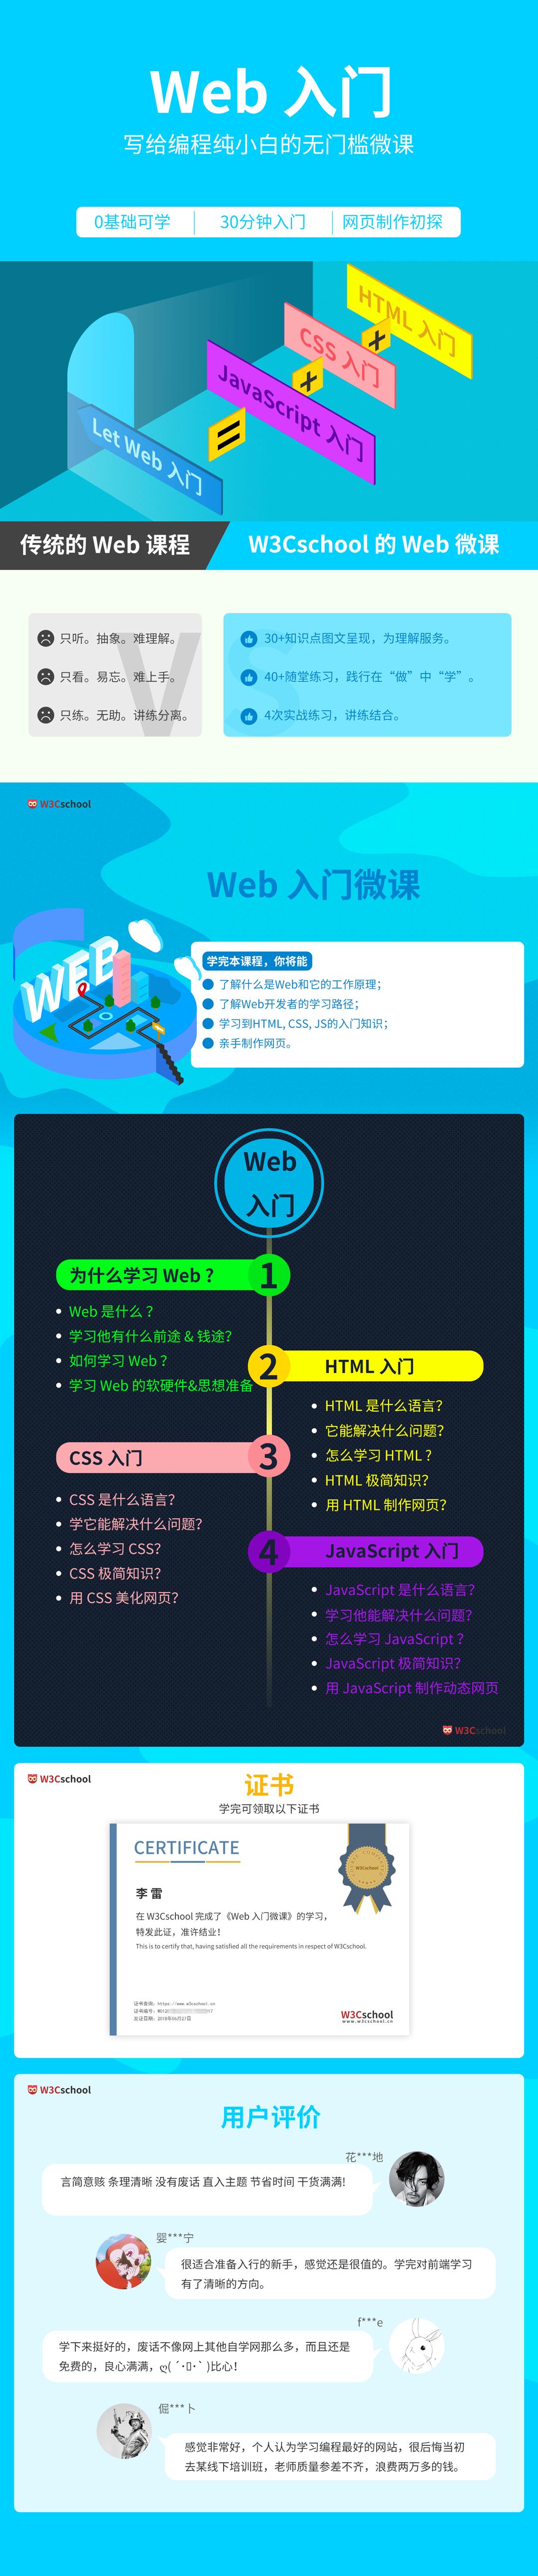 web微课课程介绍